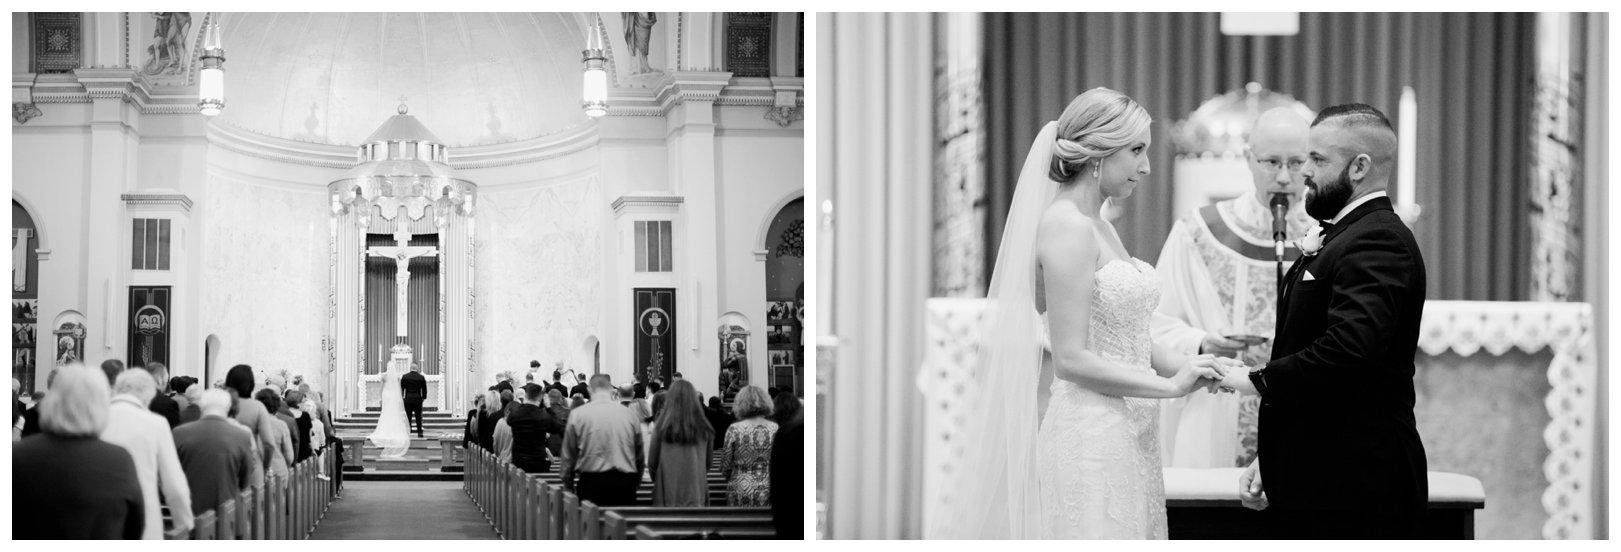 lauren muckler photography_fine art film wedding photography_st louis_photography_2141.jpg